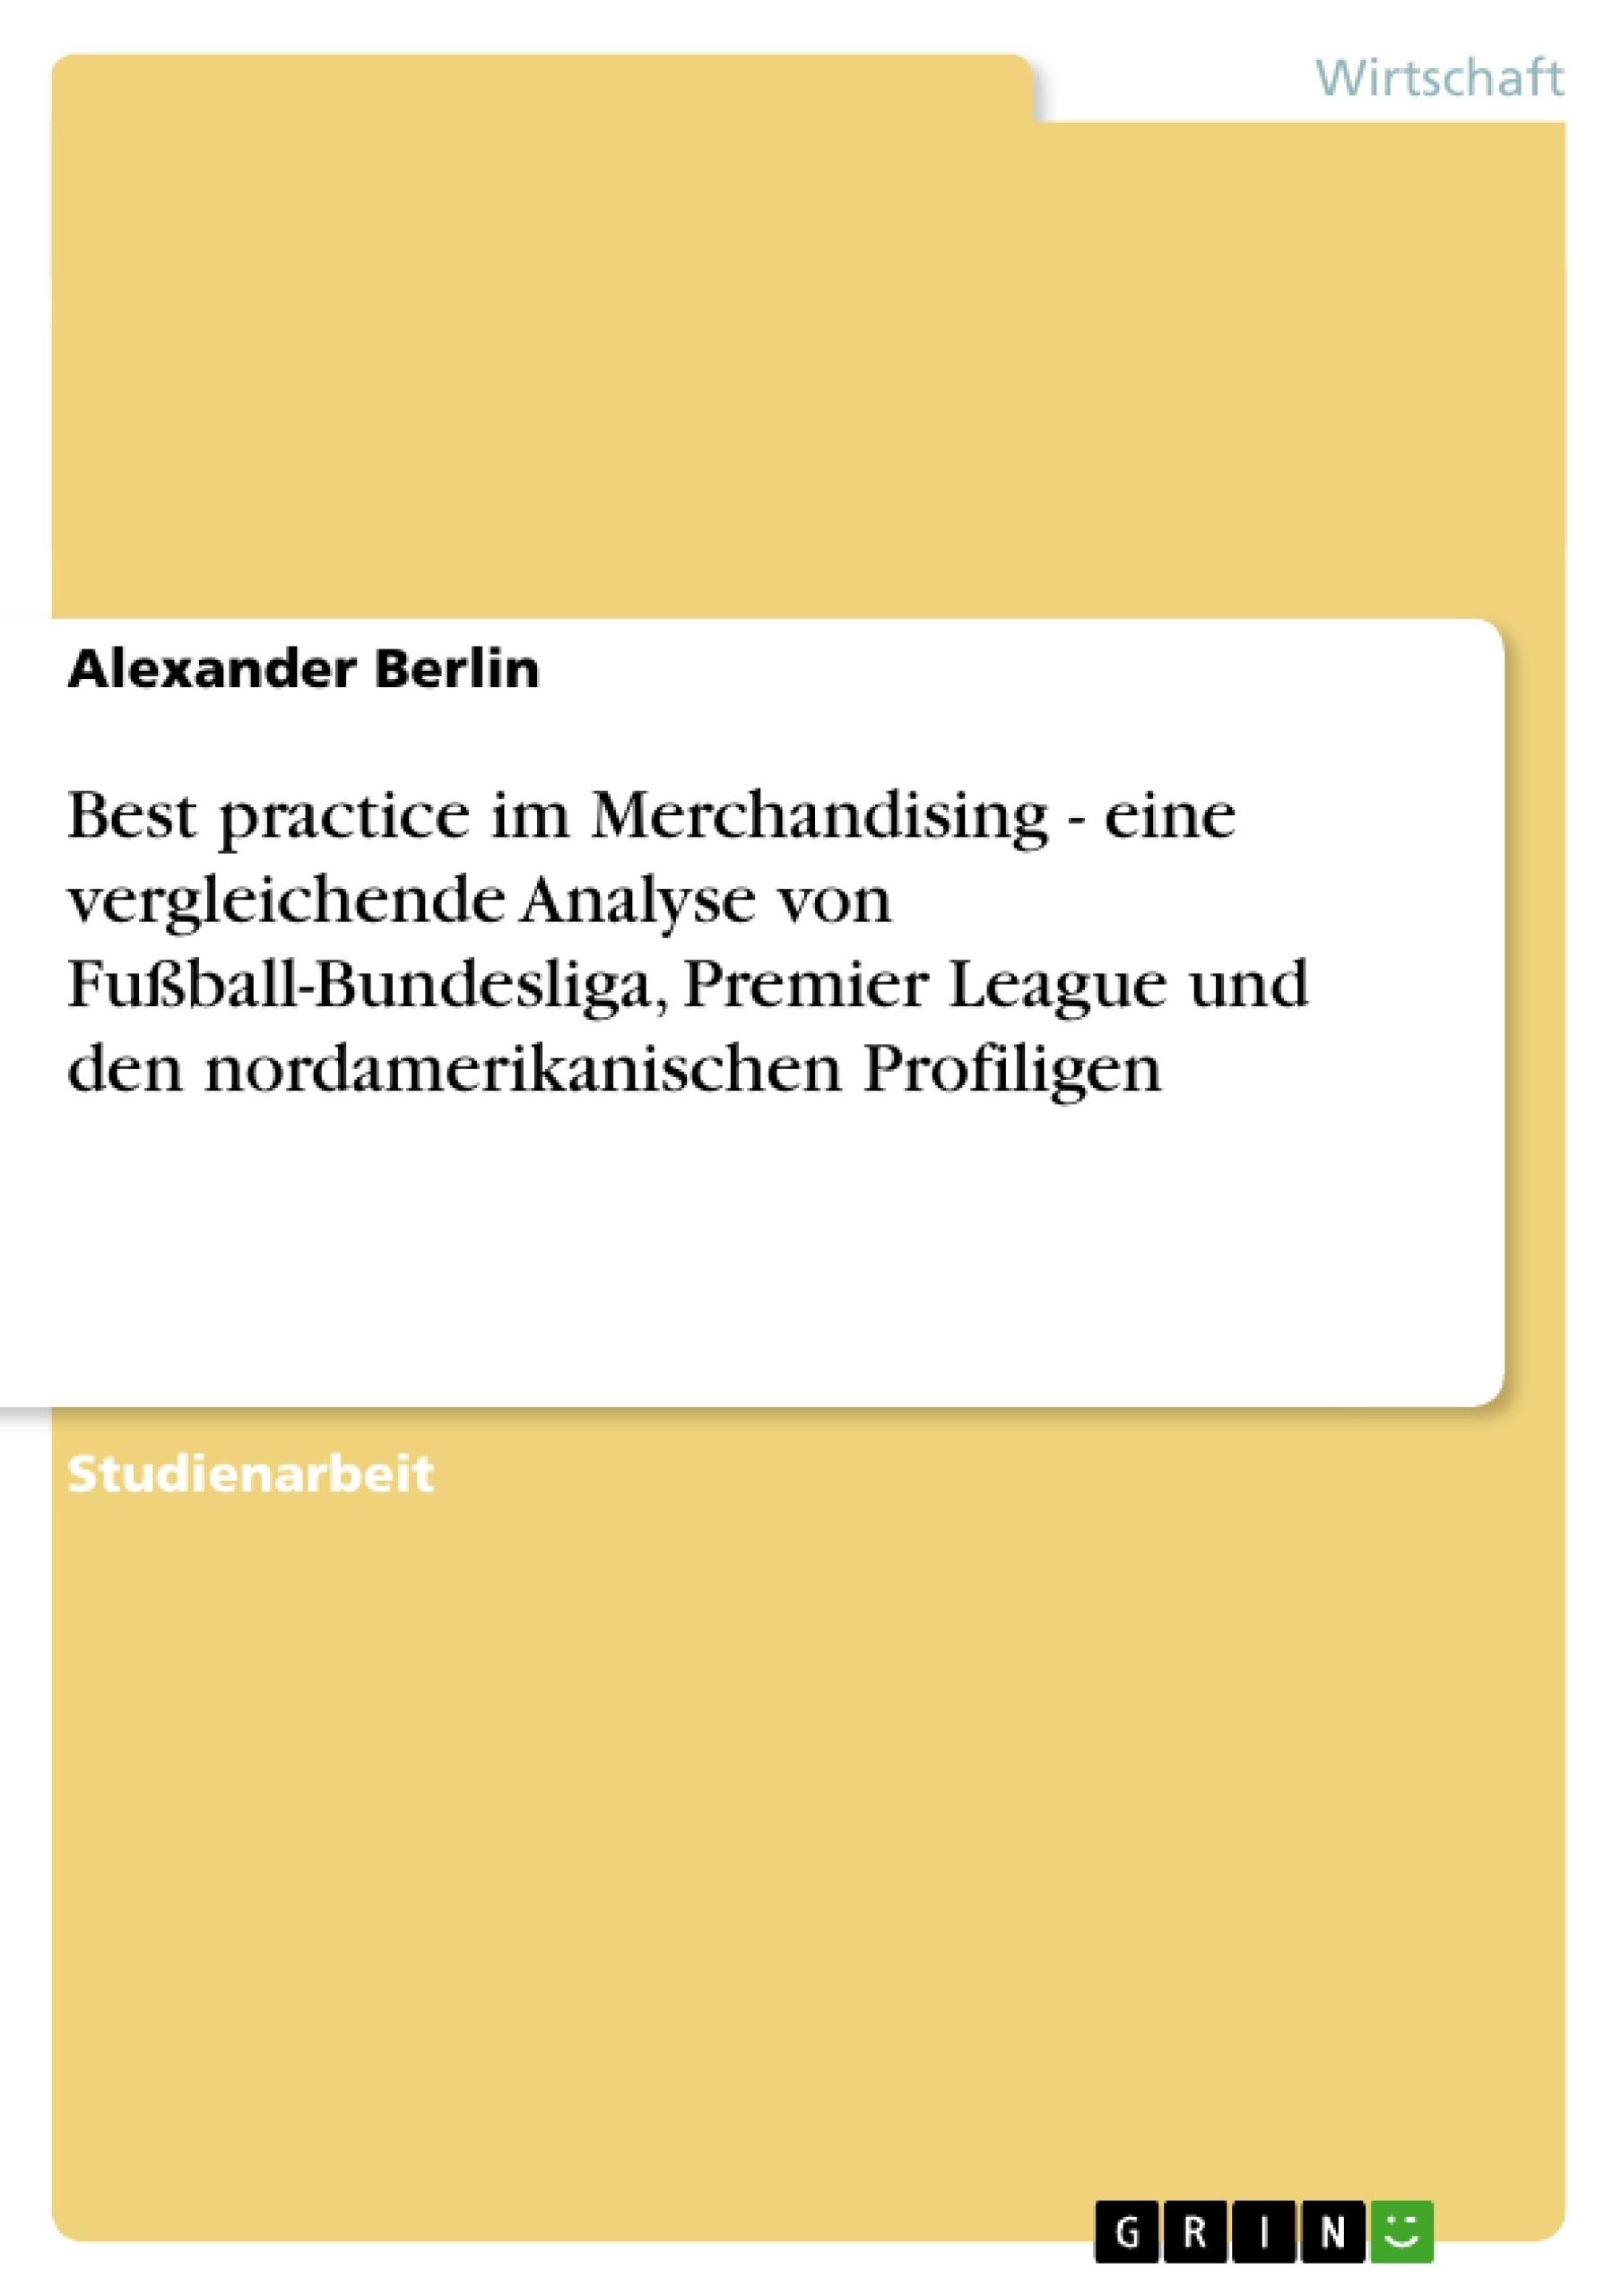 Titel: Best practice im Merchandising - eine vergleichende Analyse von Fußball-Bundesliga, Premier League und den nordamerikanischen Profiligen